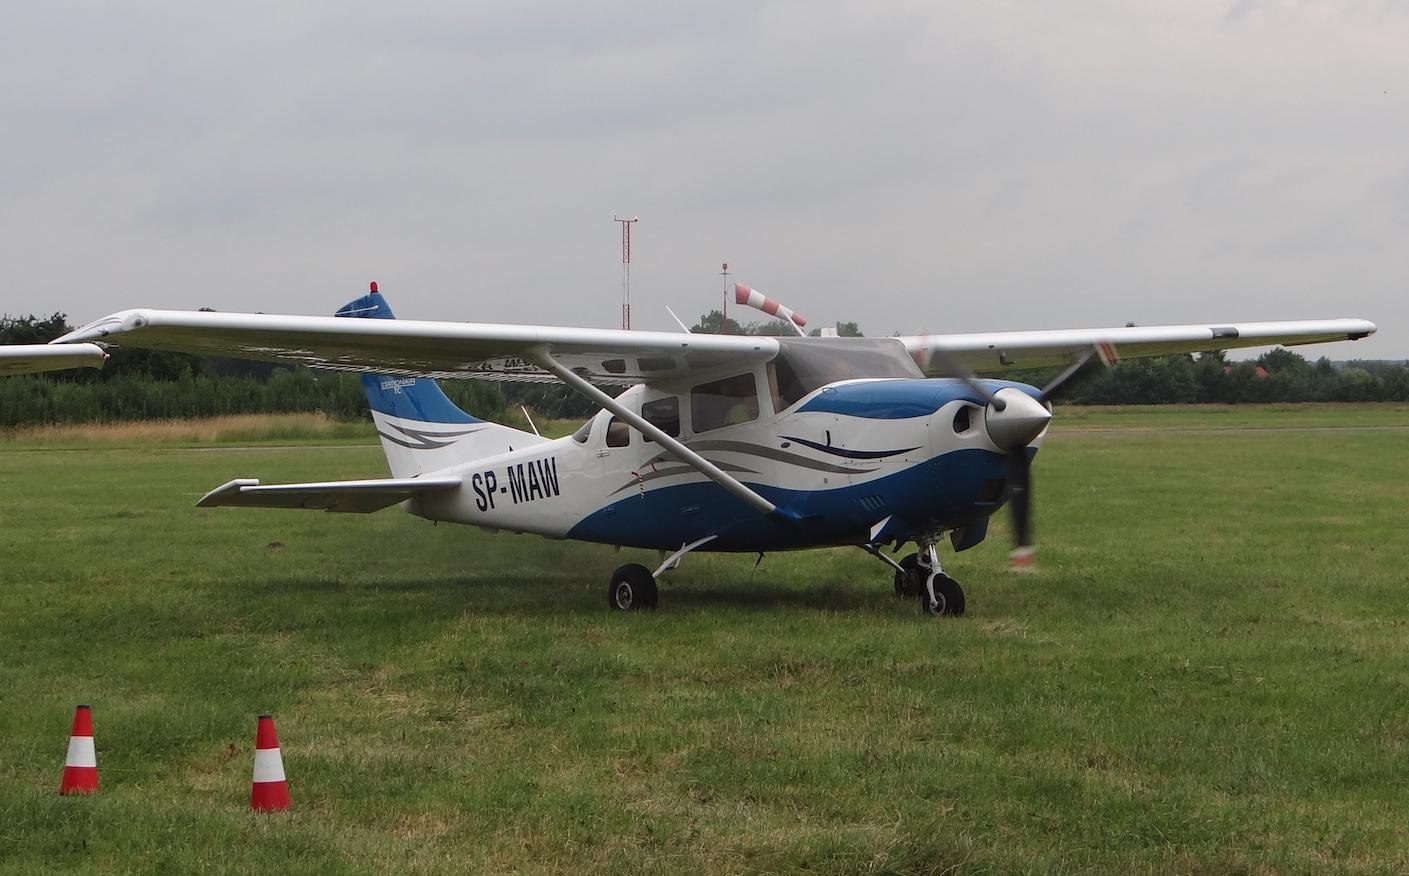 Cessna T206H Turbo Stationair rejestracja SP-MAW. 2021 rok. Zdjęcie Karol Placha Hetman